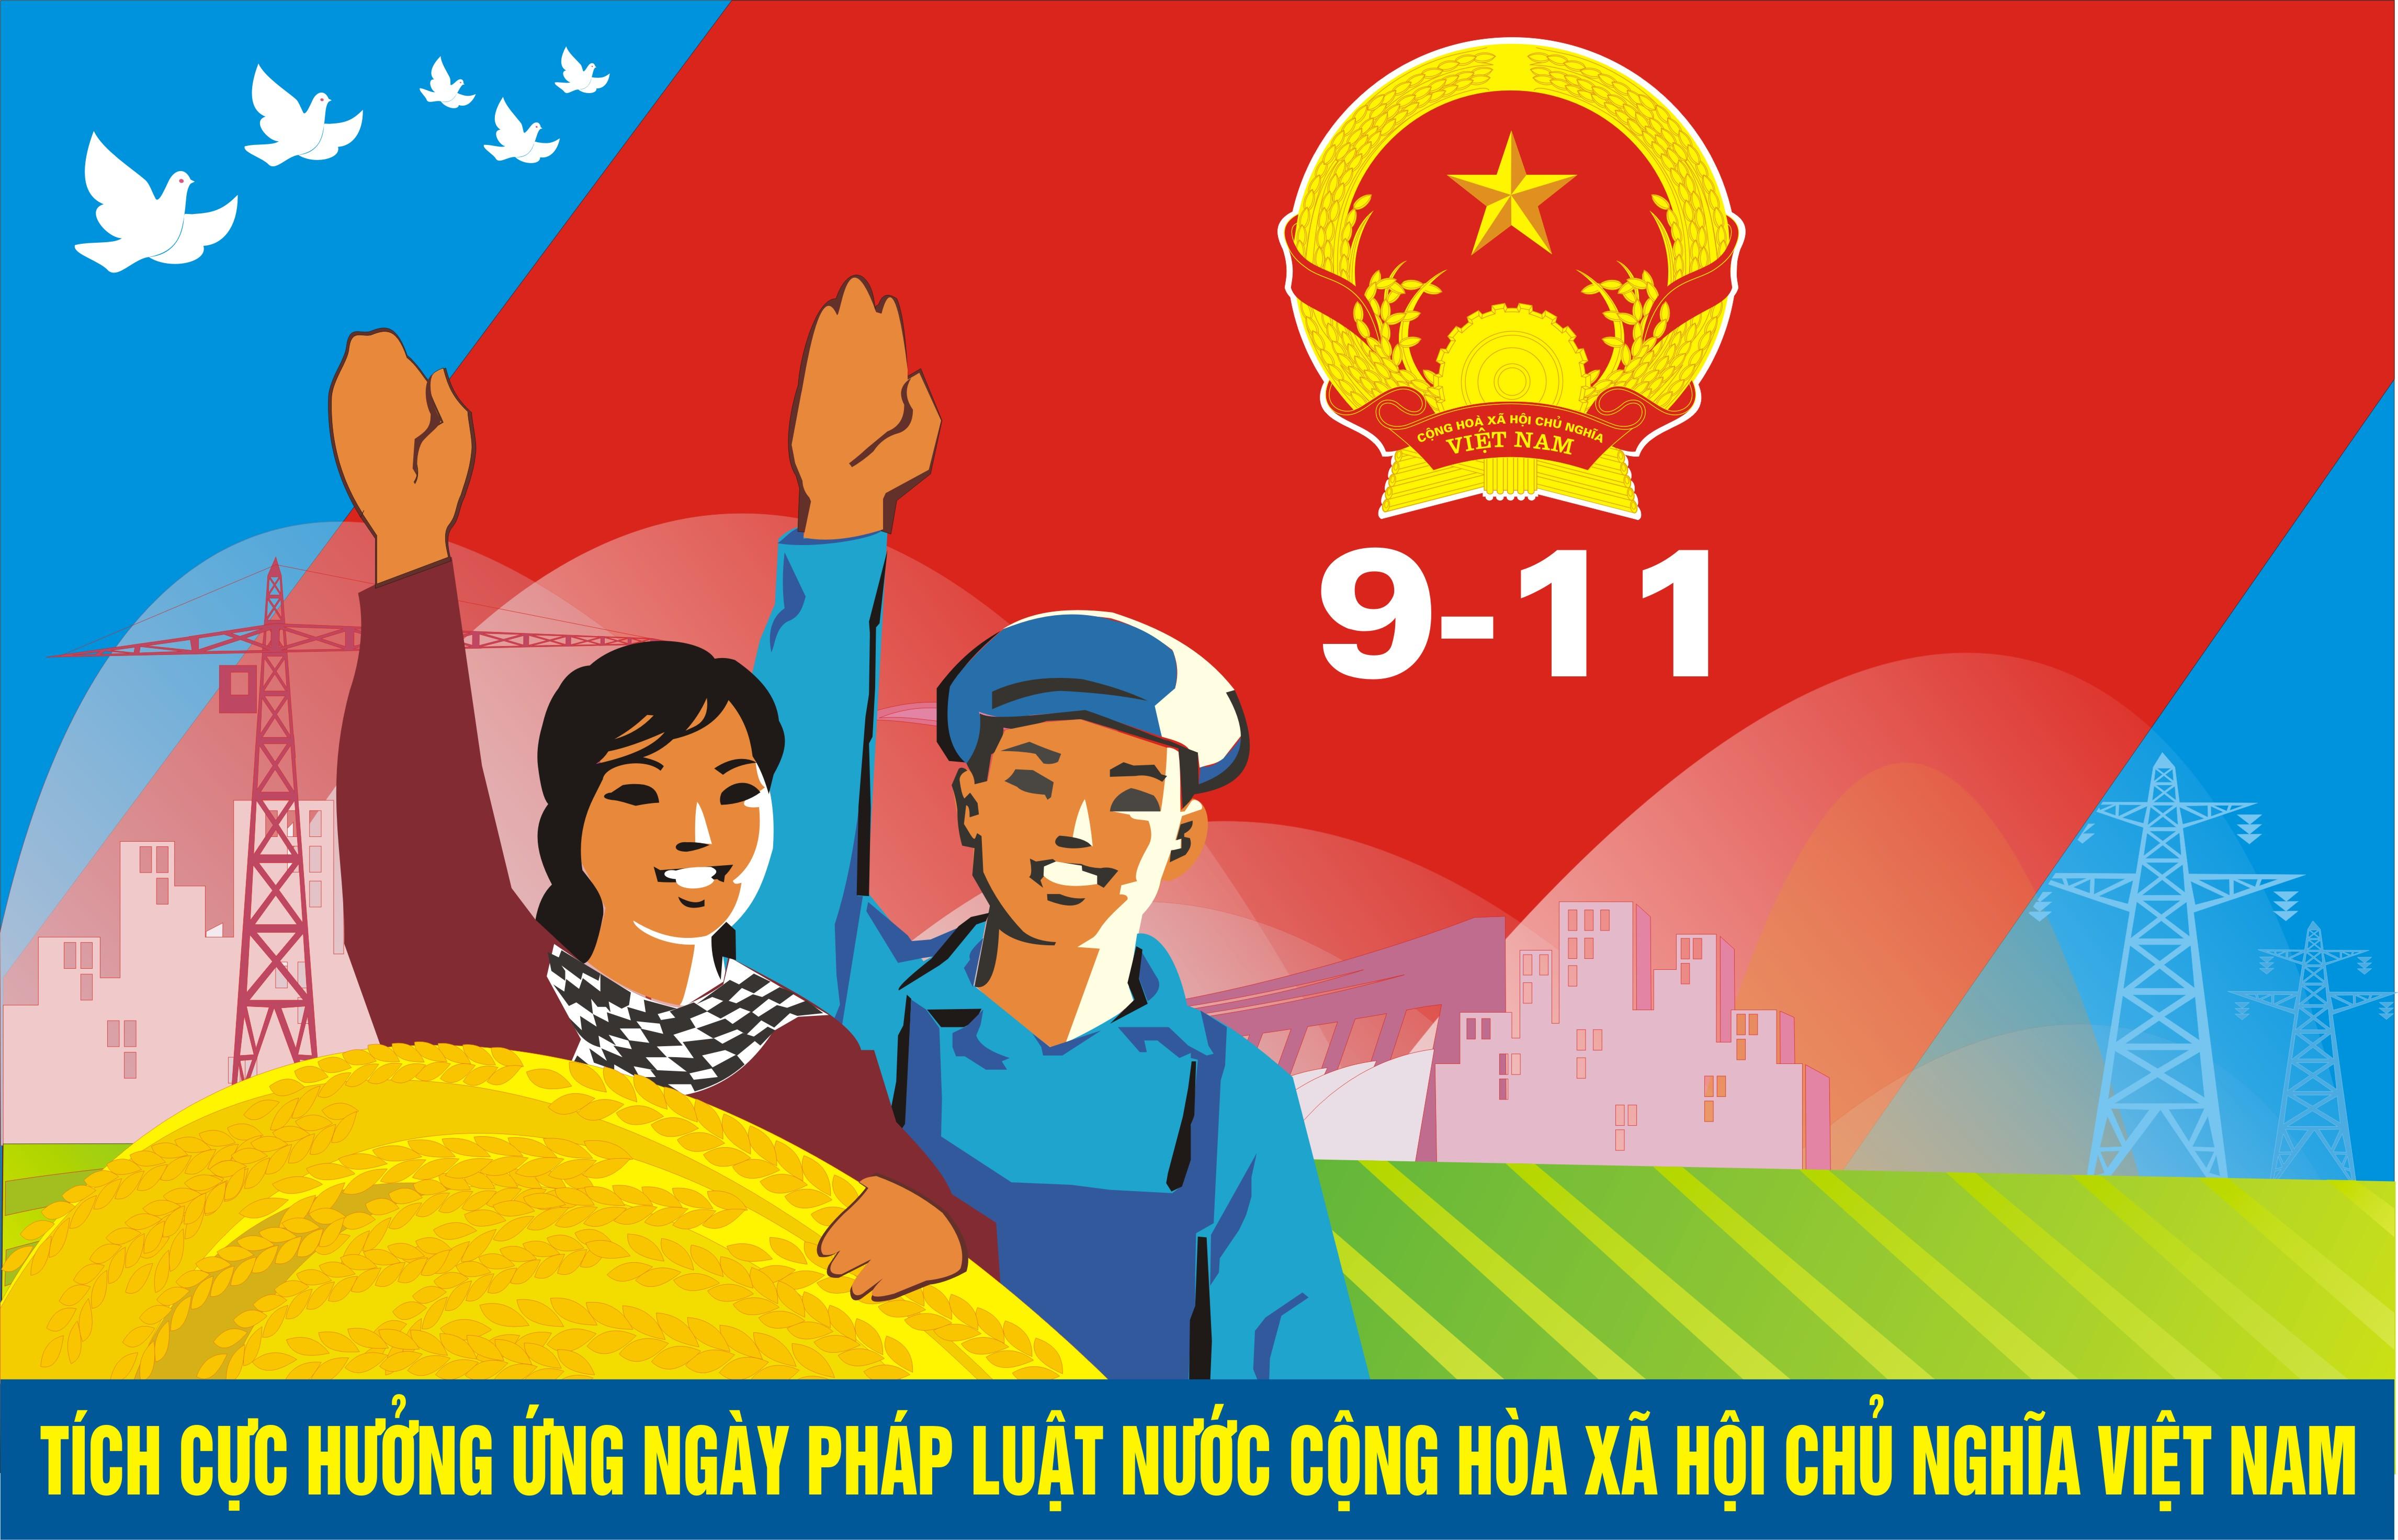 Vì sao ngày 9/11 được lấy là ngày Pháp luật Việt Nam?